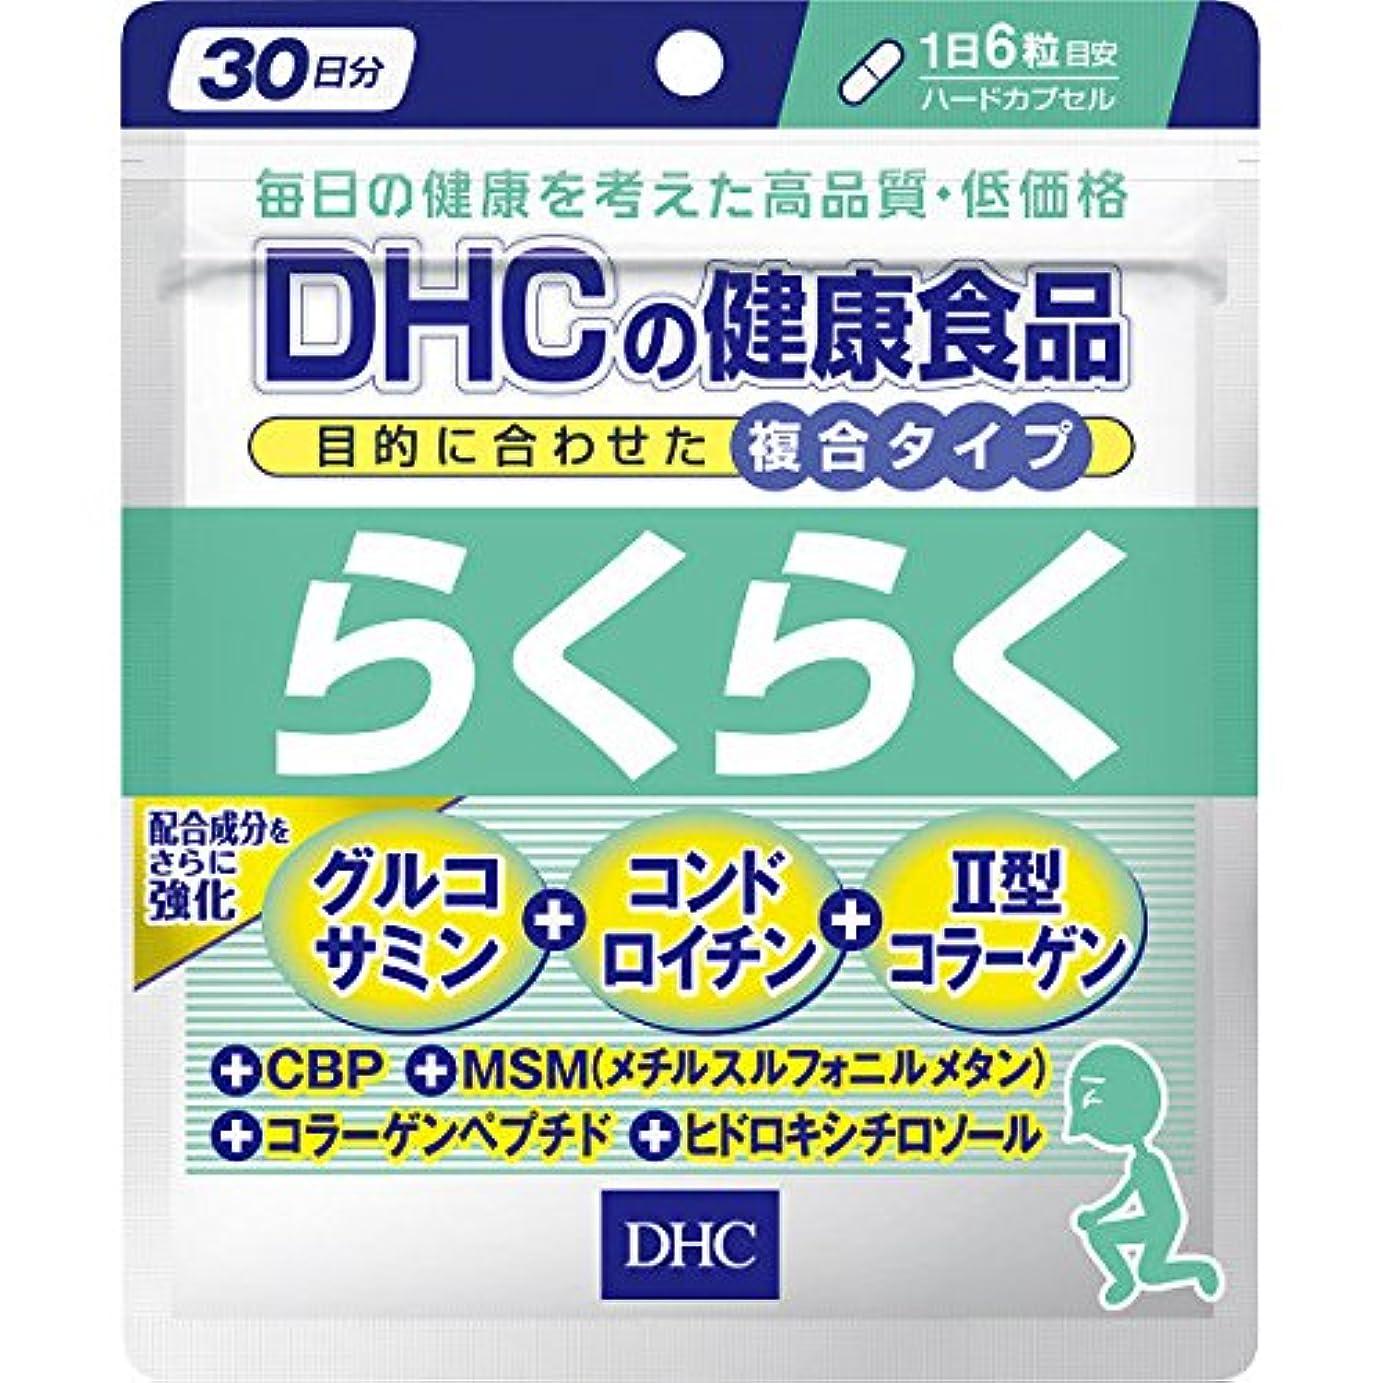 流行している役割未接続DHC らくらく 30日分 180粒